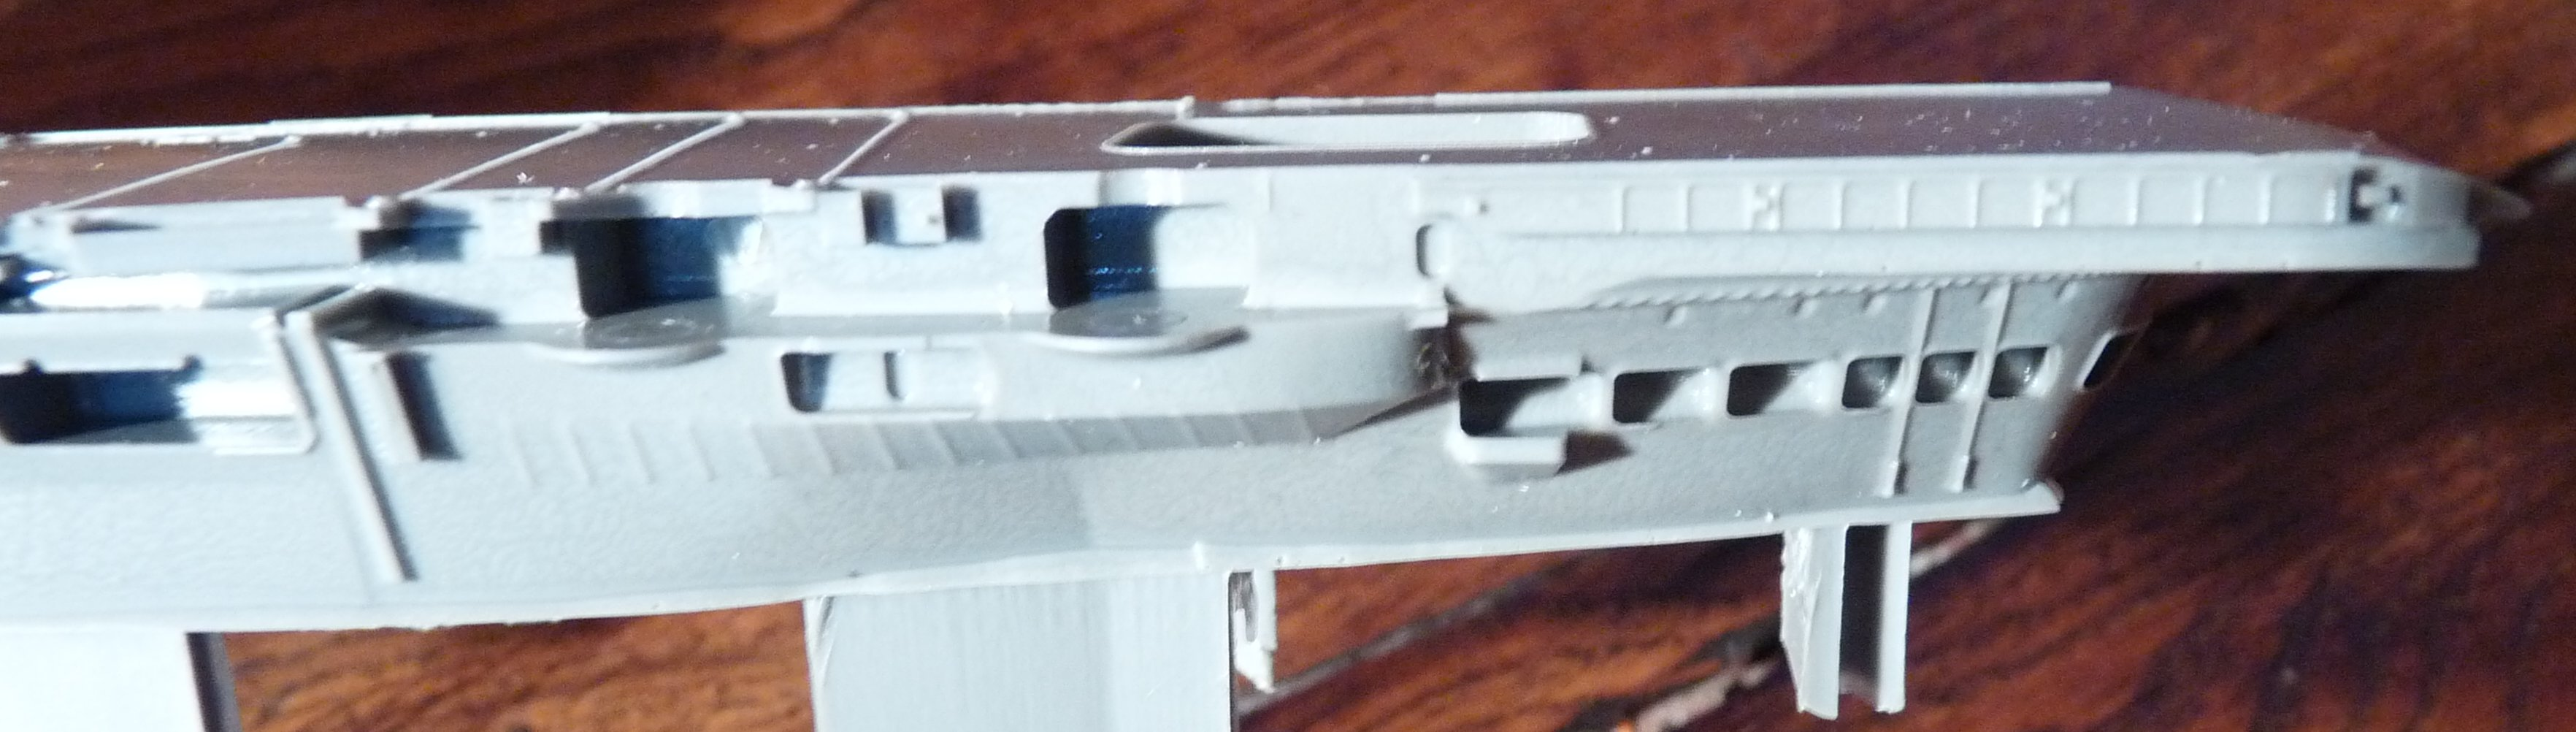 [HMS Victorious après refonte] 1/700e maquette Orange Hobby 17072112562323134915159382